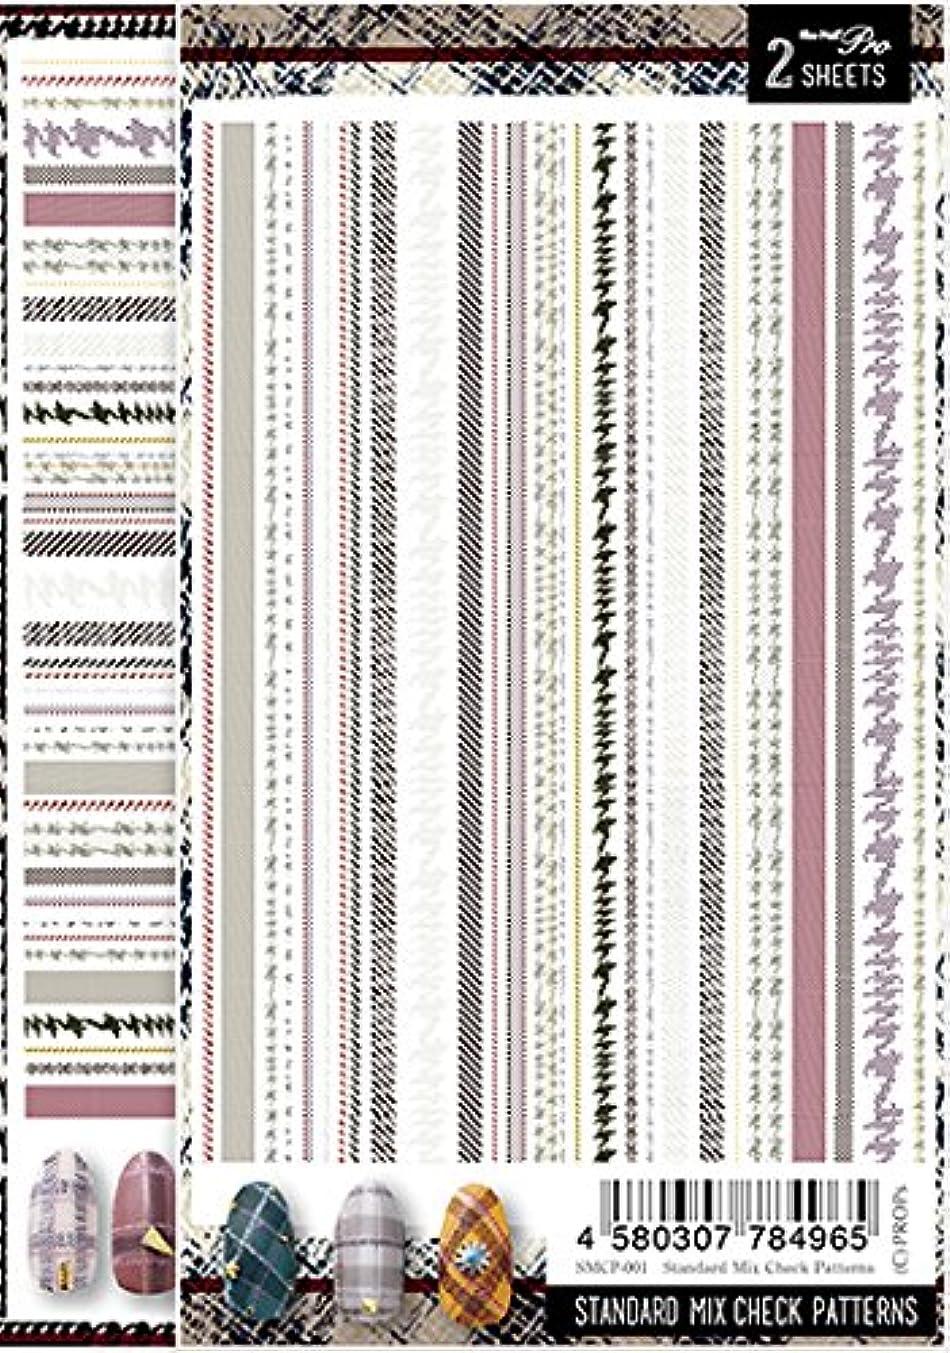 綺麗な花火傷Sha-Nail Pro ネイルシール スタンダードミックスチェックパターンズ SMCP-001 アート材